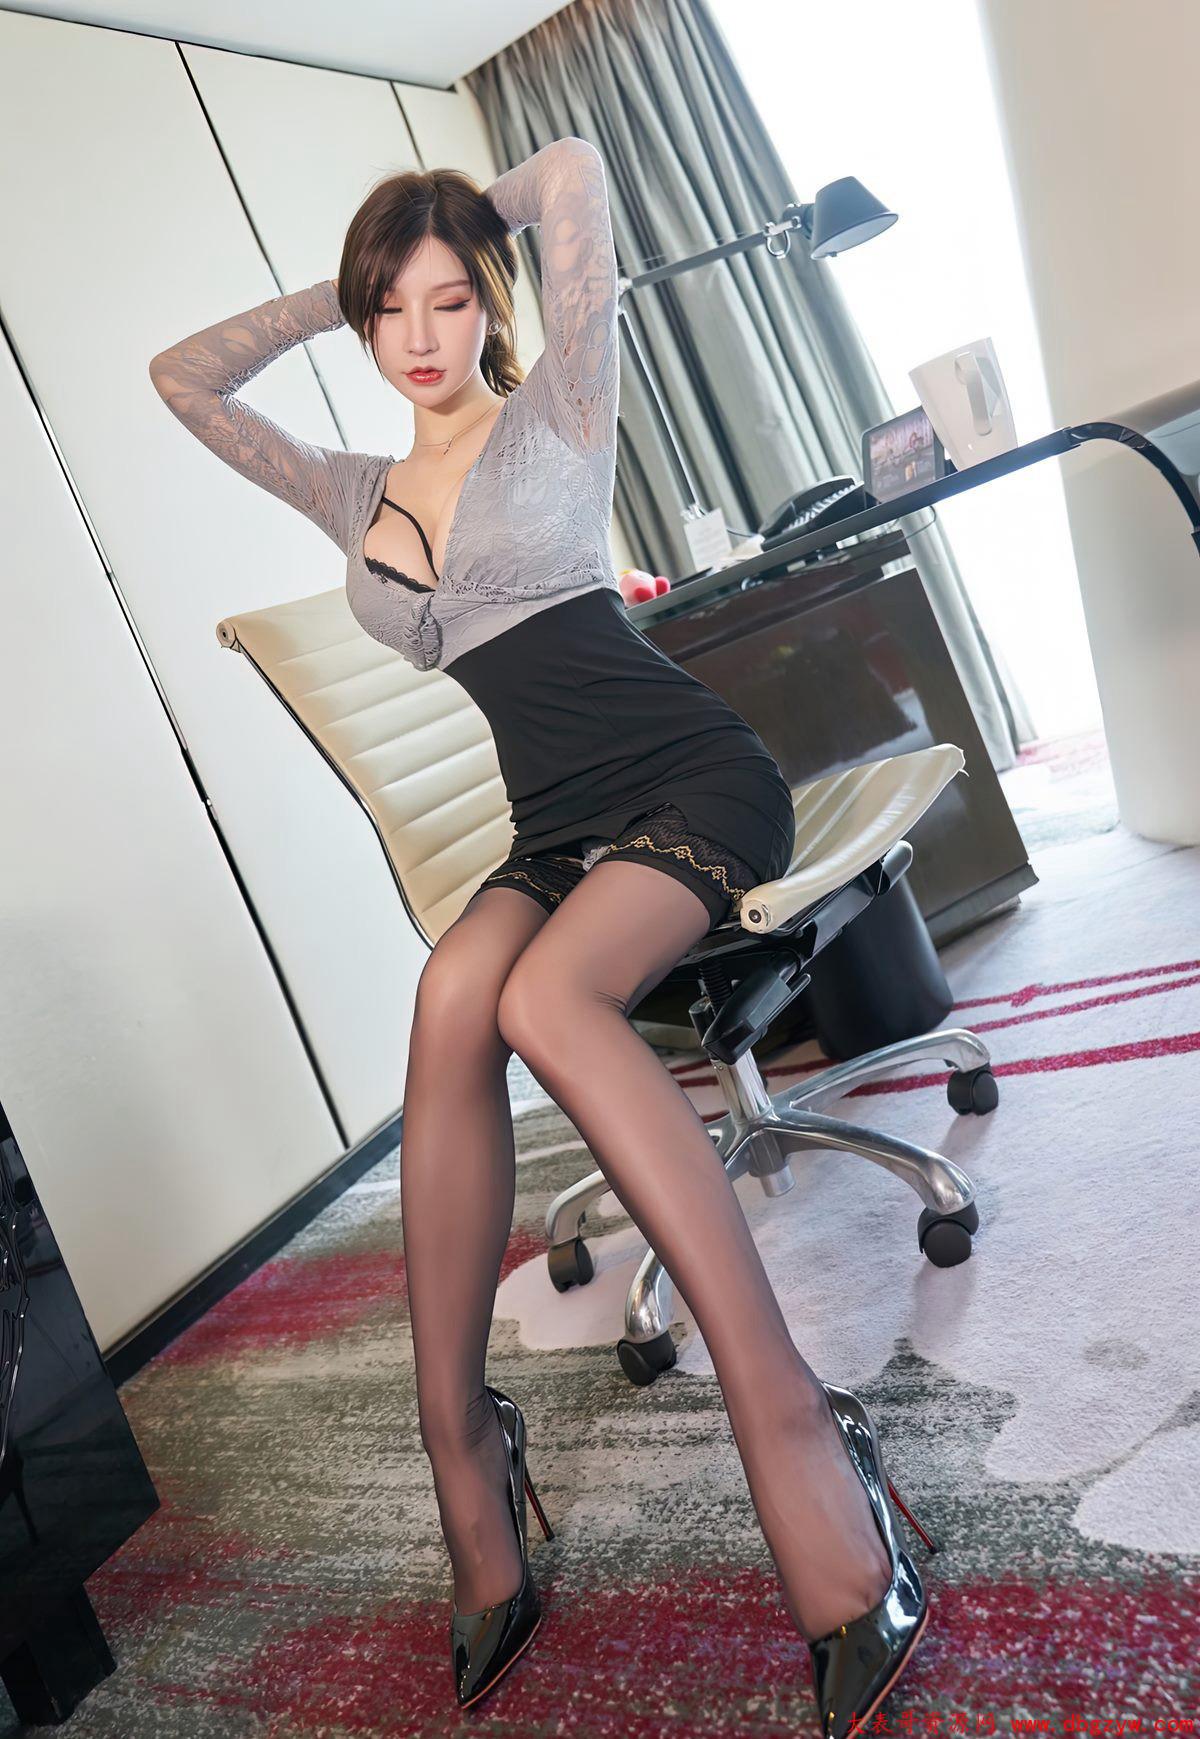 丰满大胸蕾丝情趣内衣丁字裤黑色蕾丝美女